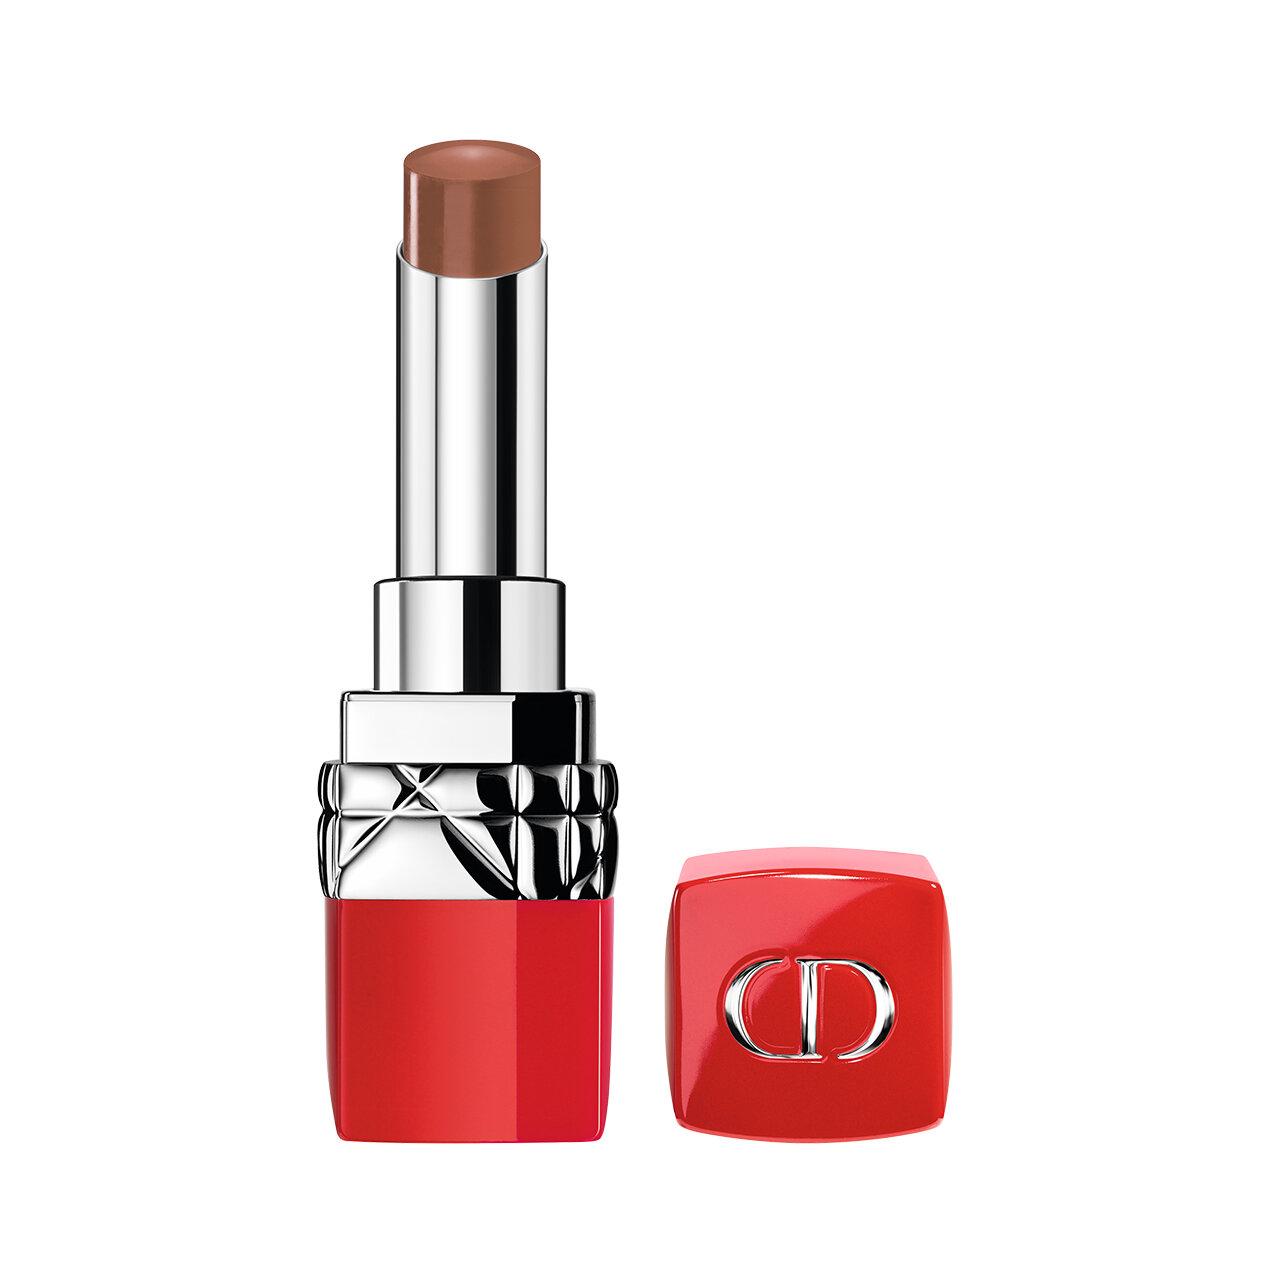 Dior/ディオール「ルージュ ディオール ウルトラ ルージュ」